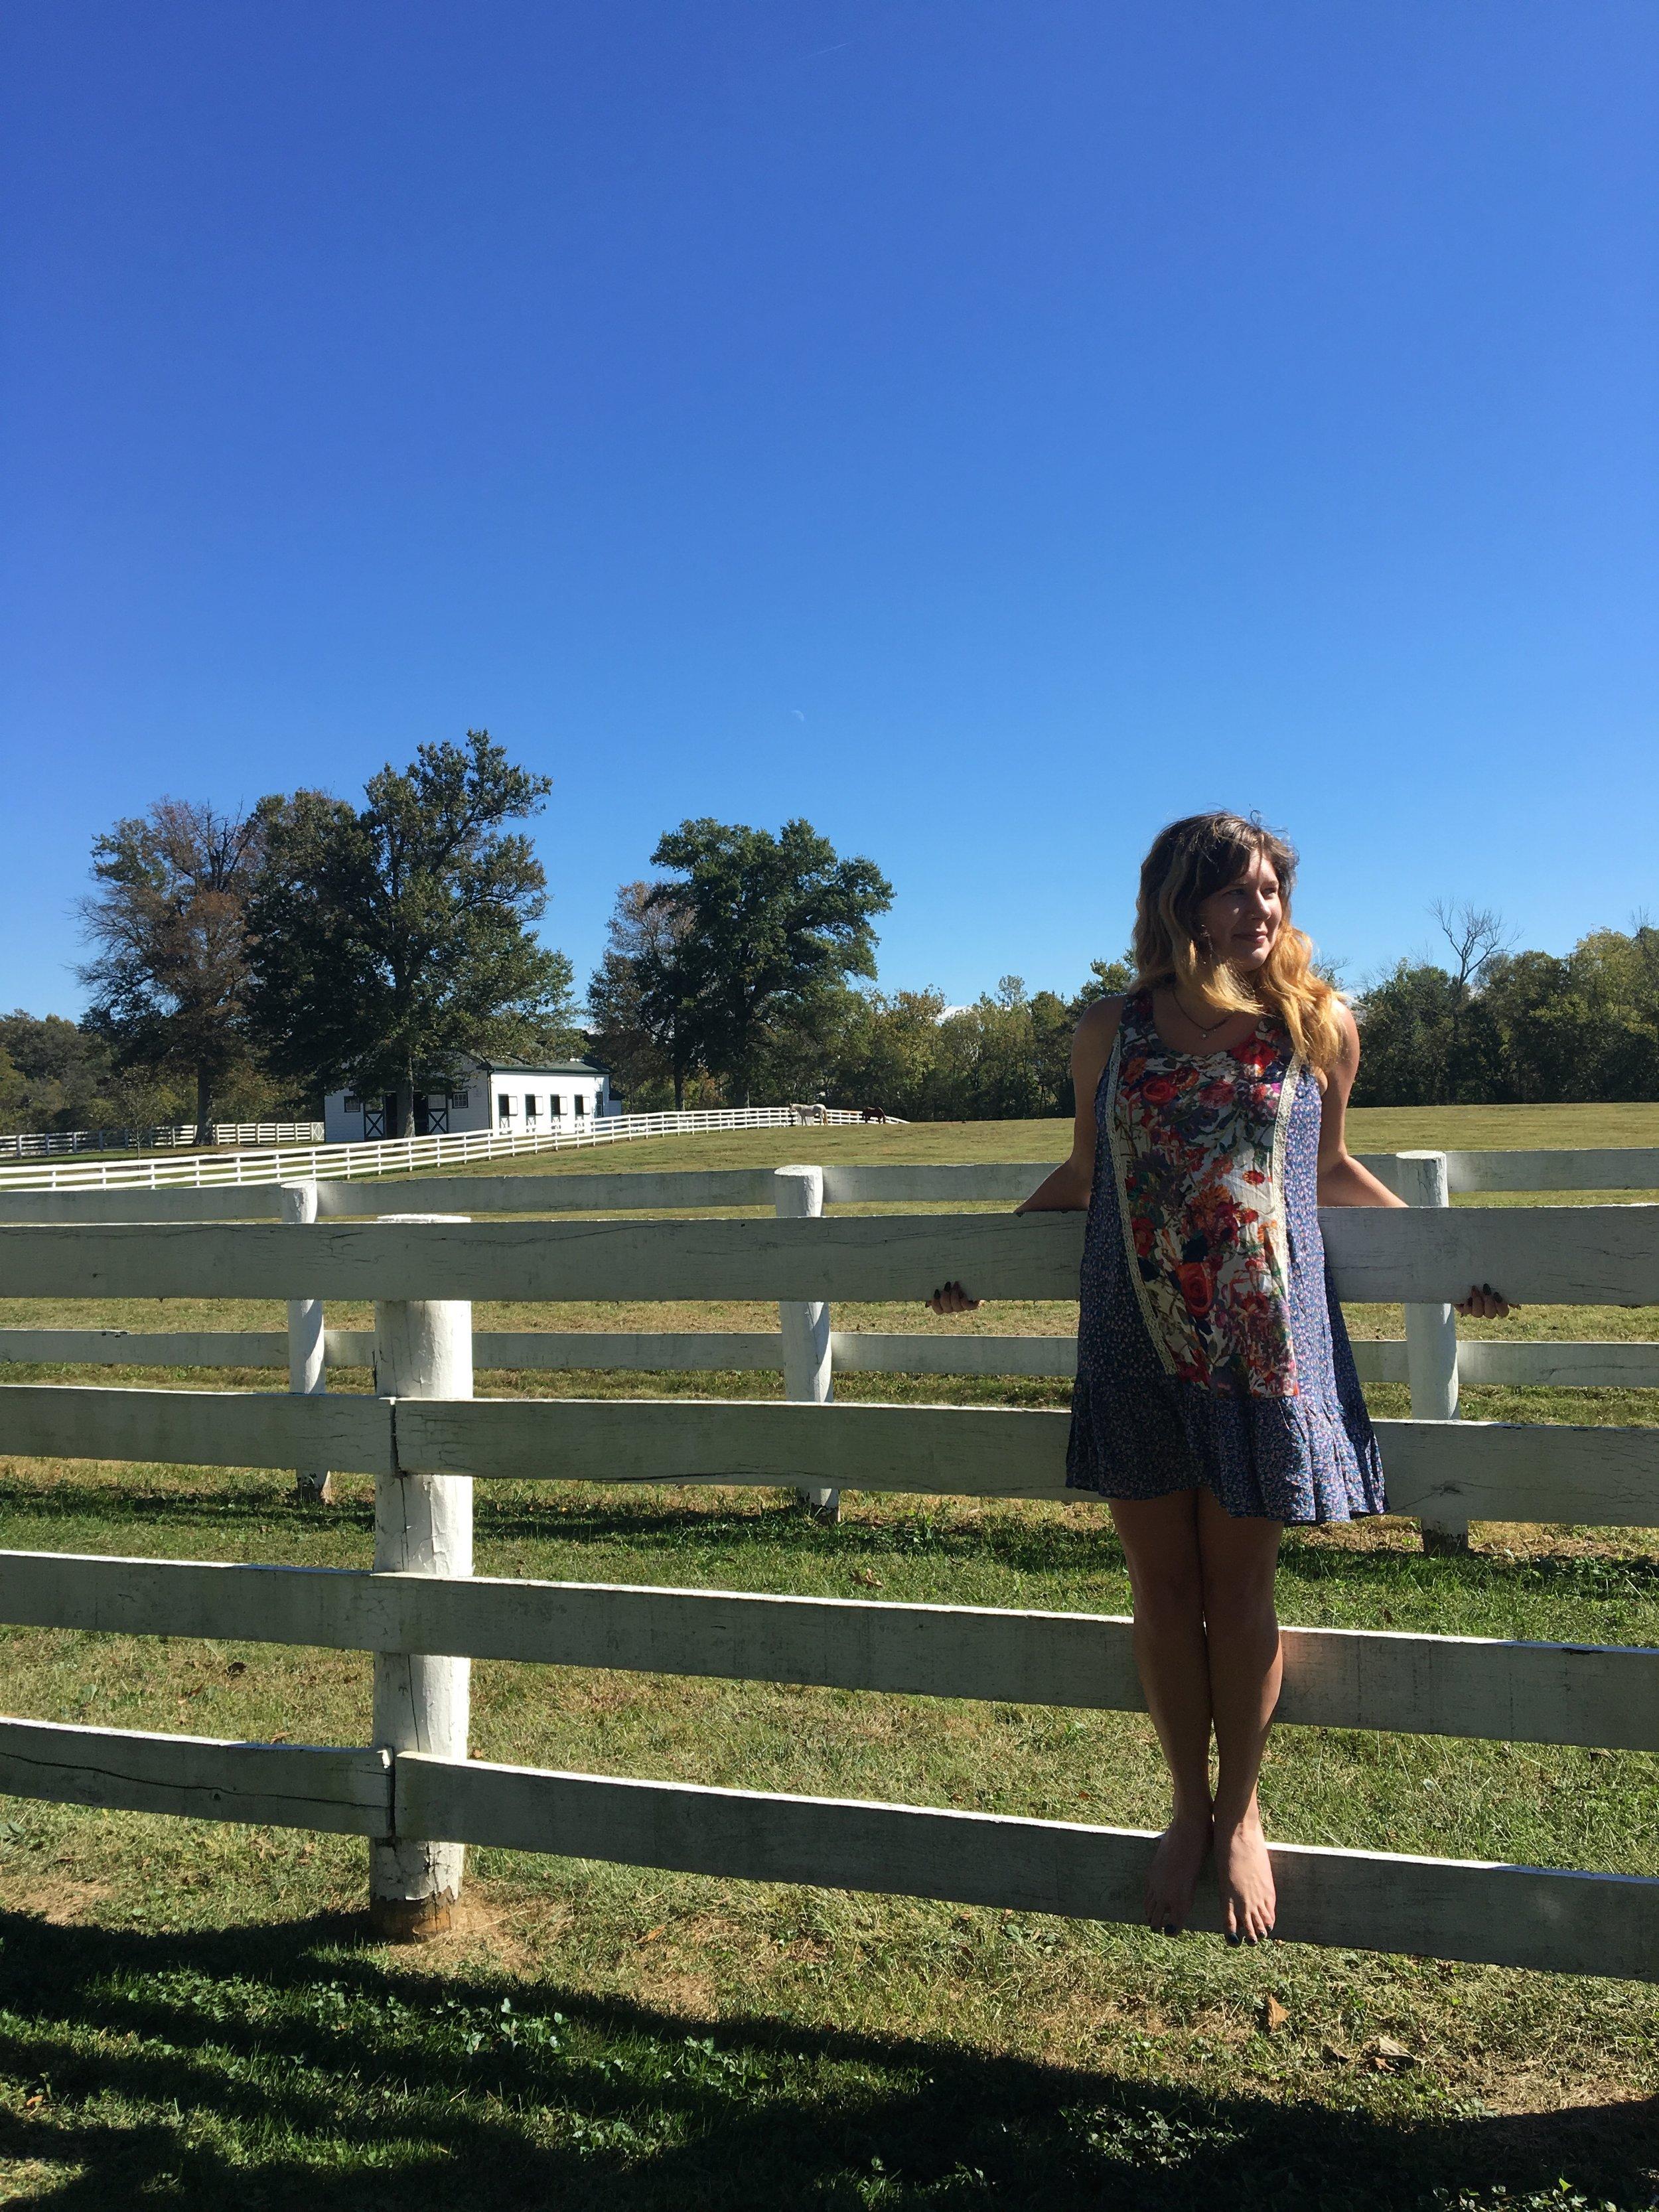 Living my truth as an innocent boho farm girl